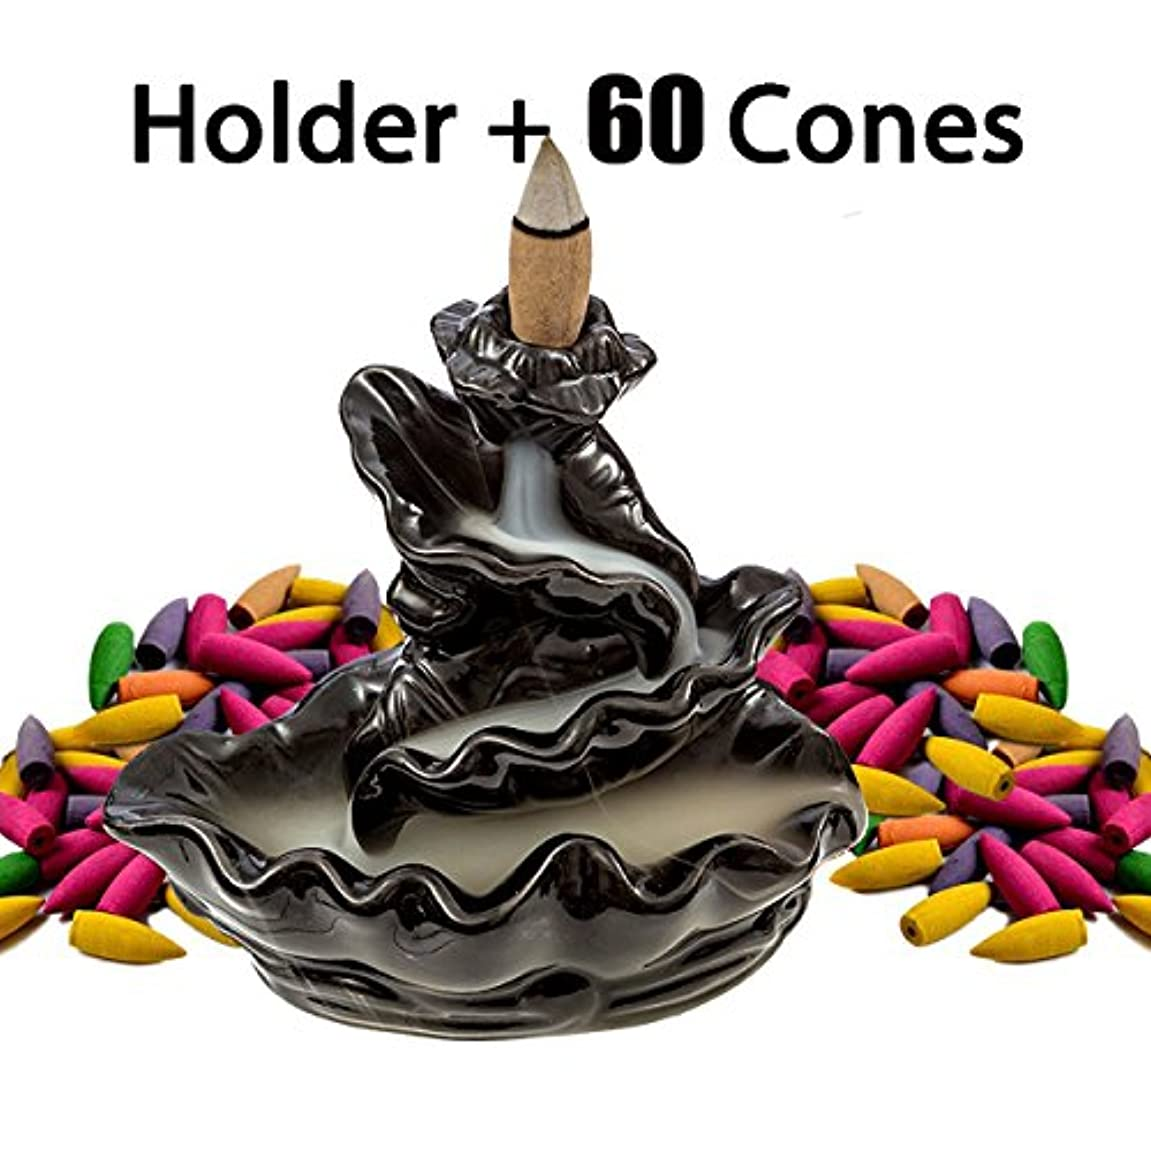 朝物質ジャンピングジャックDELIWAYセラミックお香逆流ホルダー、さまざまなミックス香りつきIncense Cones and Burner/香炉セット ブラック DLW-HGIH-02